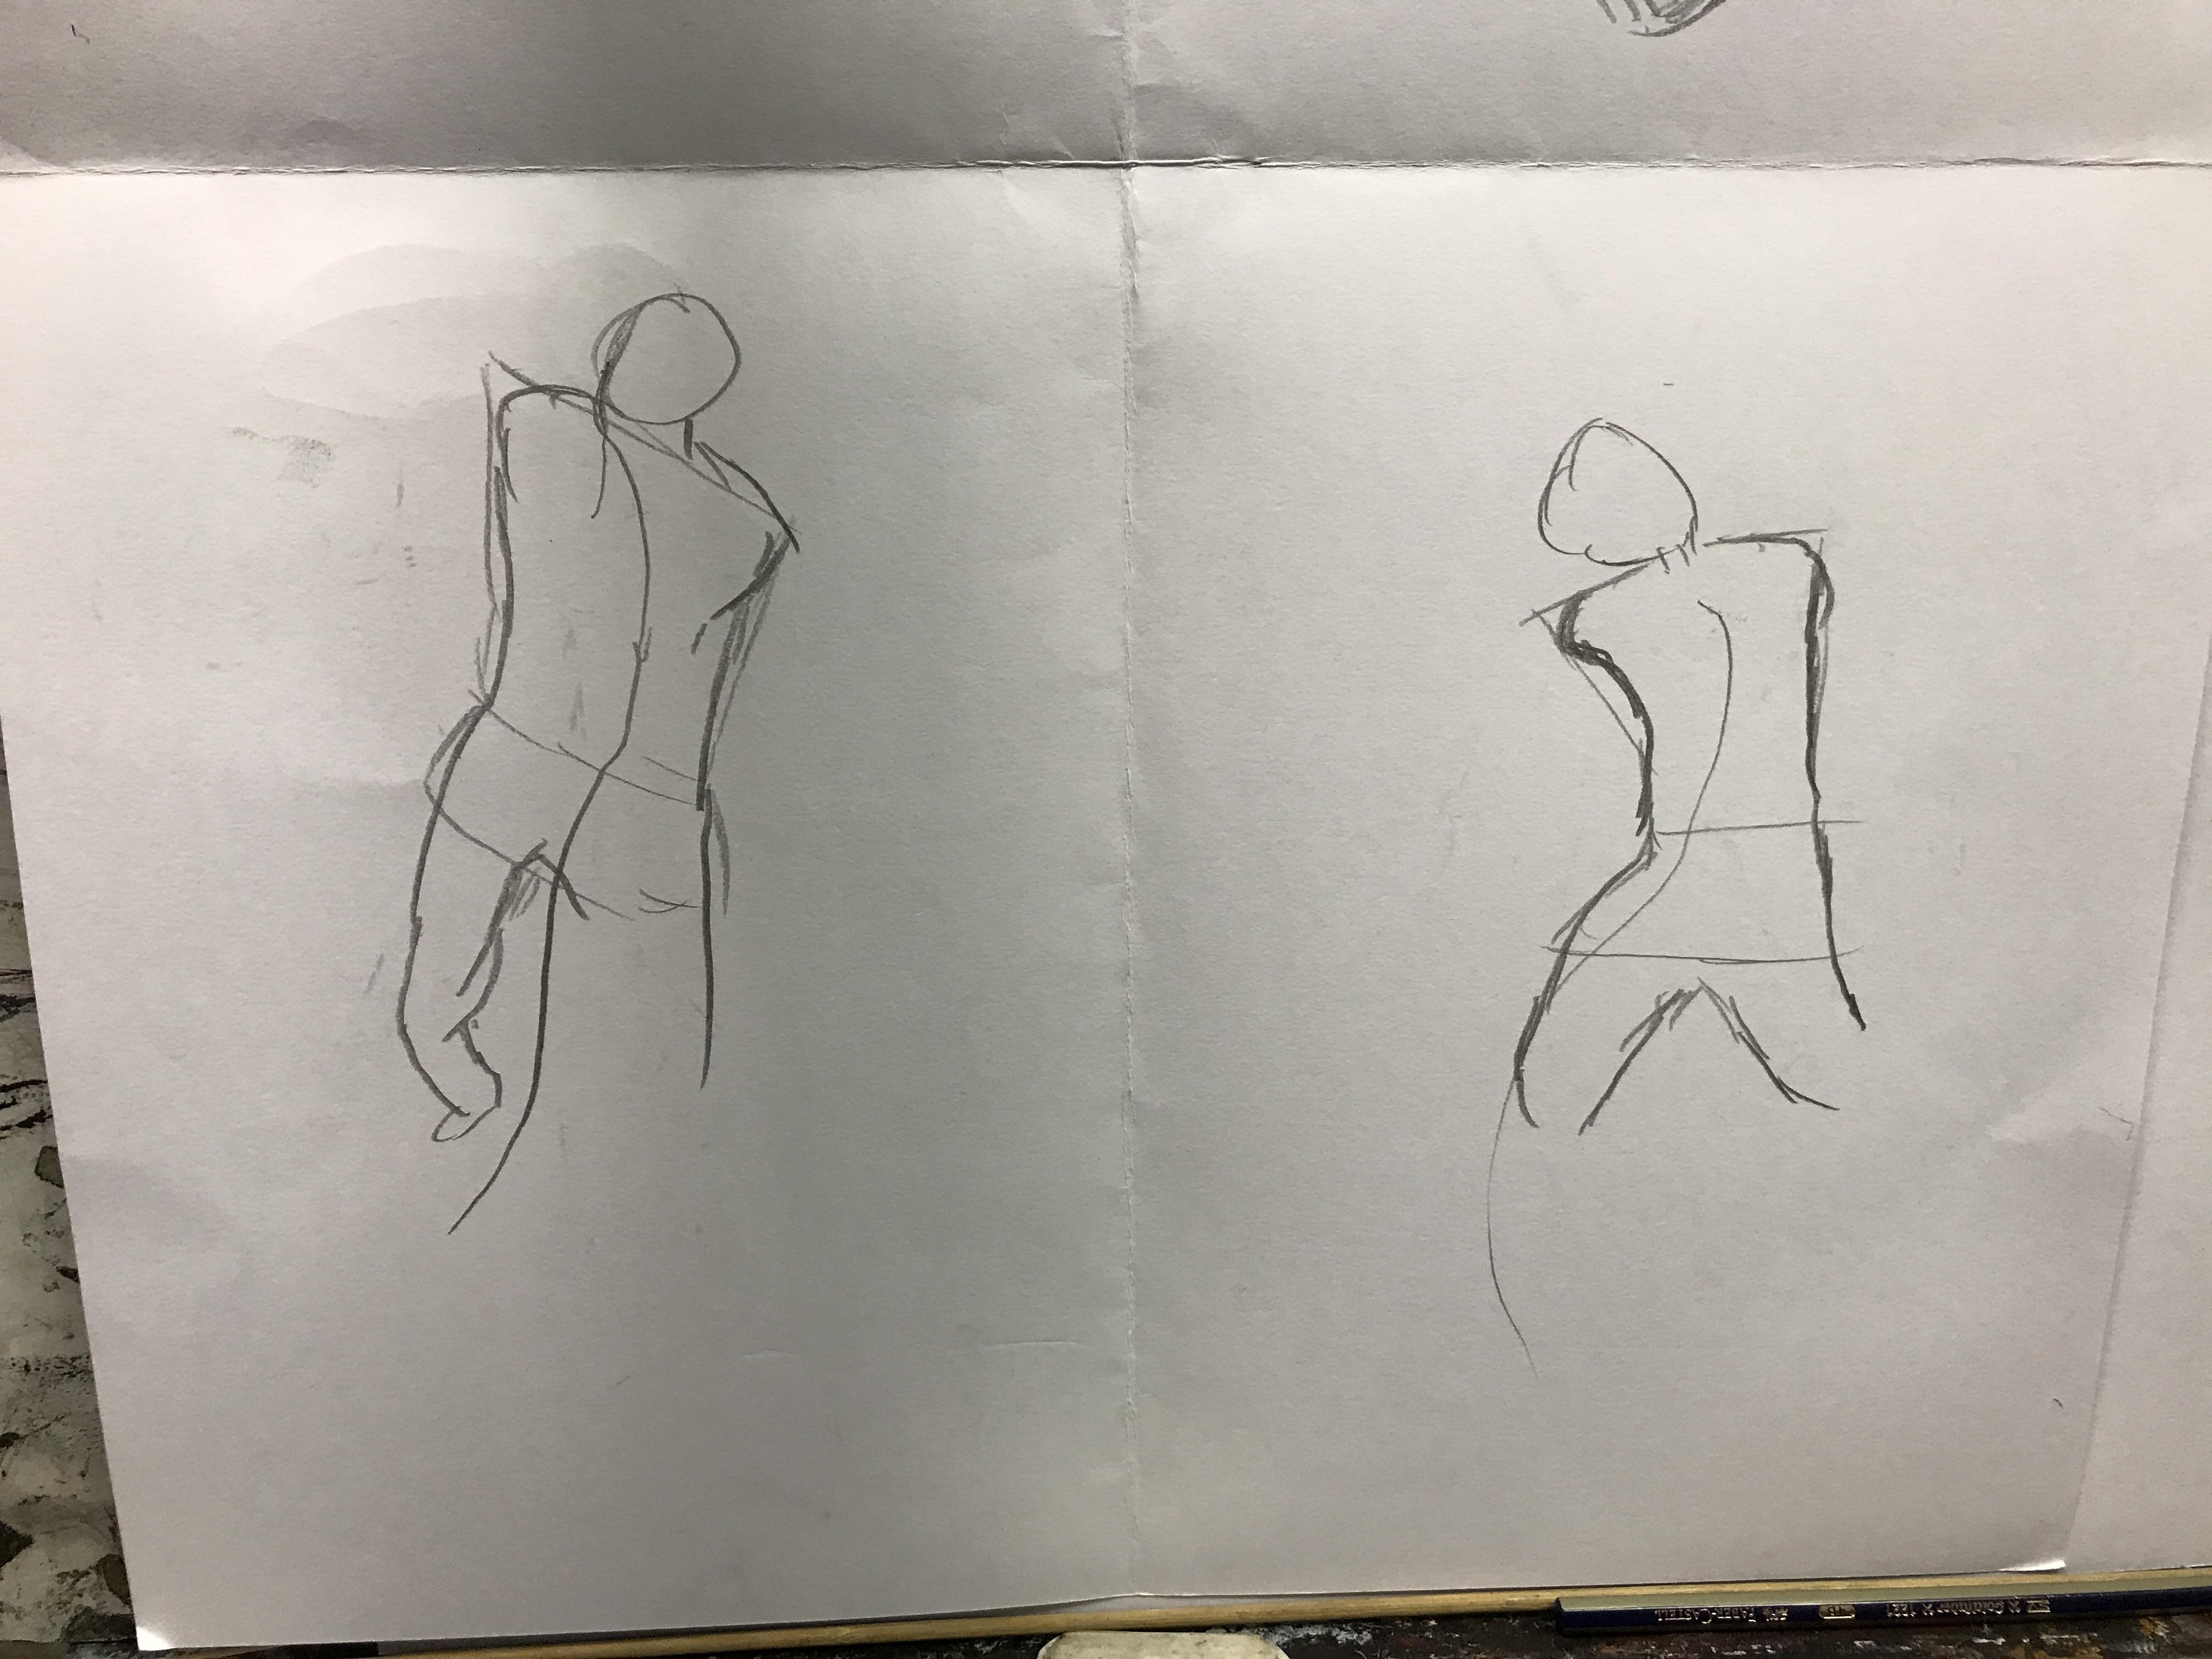 Drawing Lines Meaning : Week gesture drawing u ah lind s